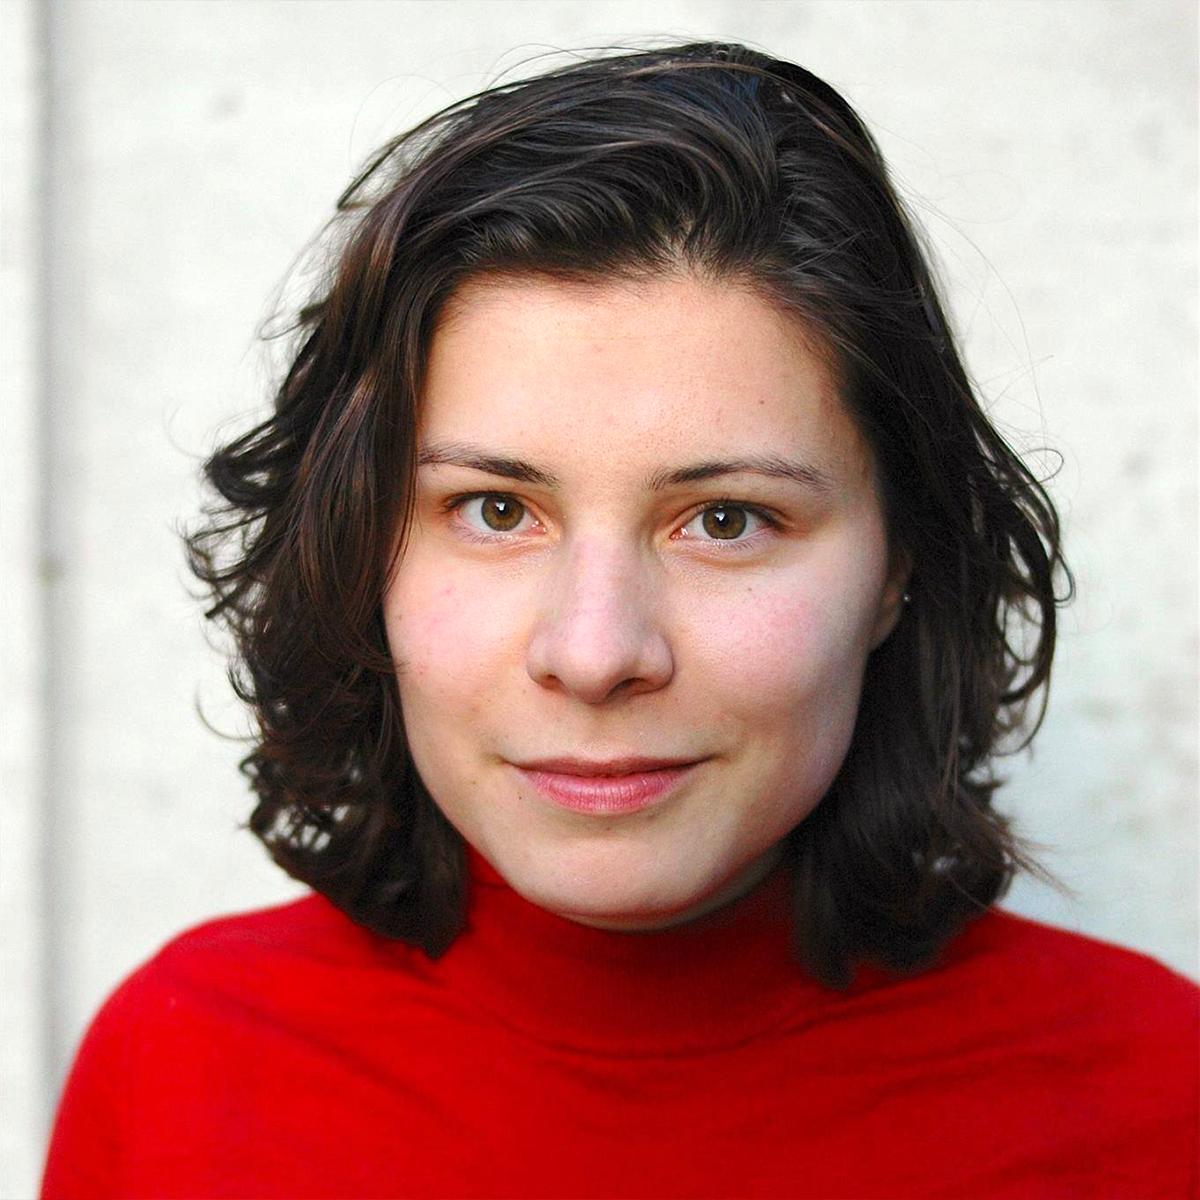 Valerie Bisscheroux